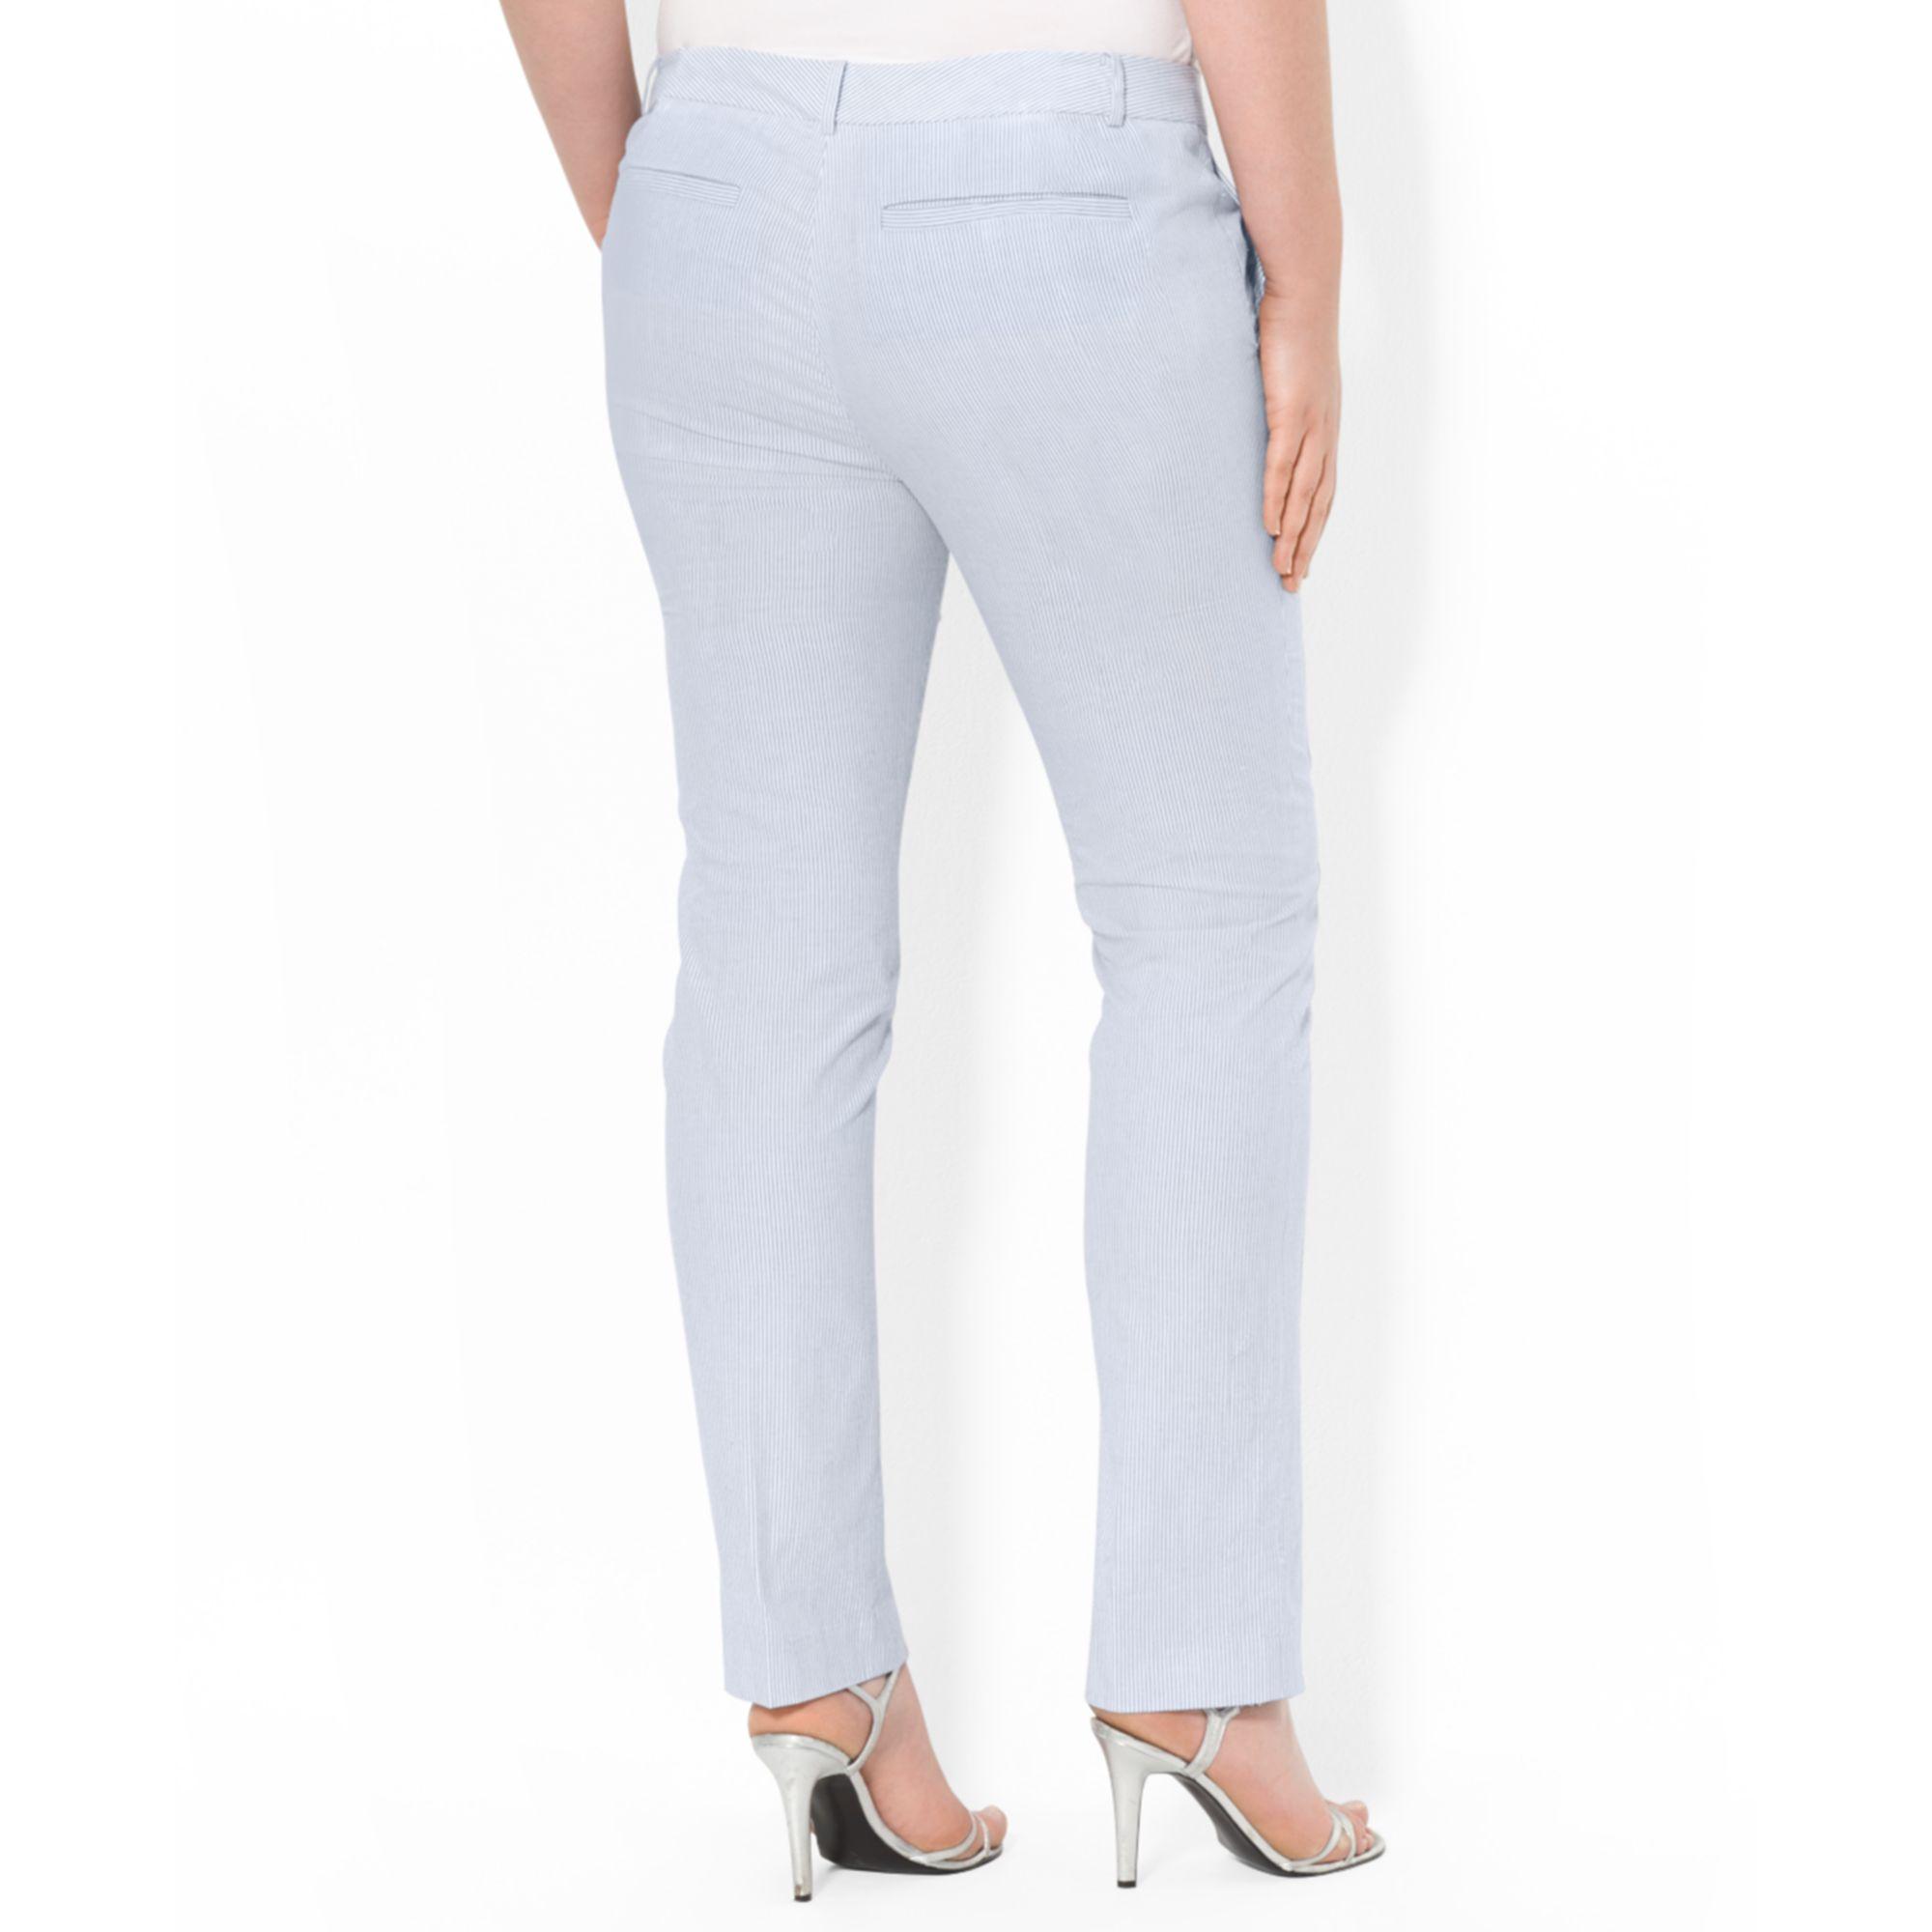 bdbe631e990de Lyst - Lauren by Ralph Lauren Plus Size Seersucker Straightleg Pants ...